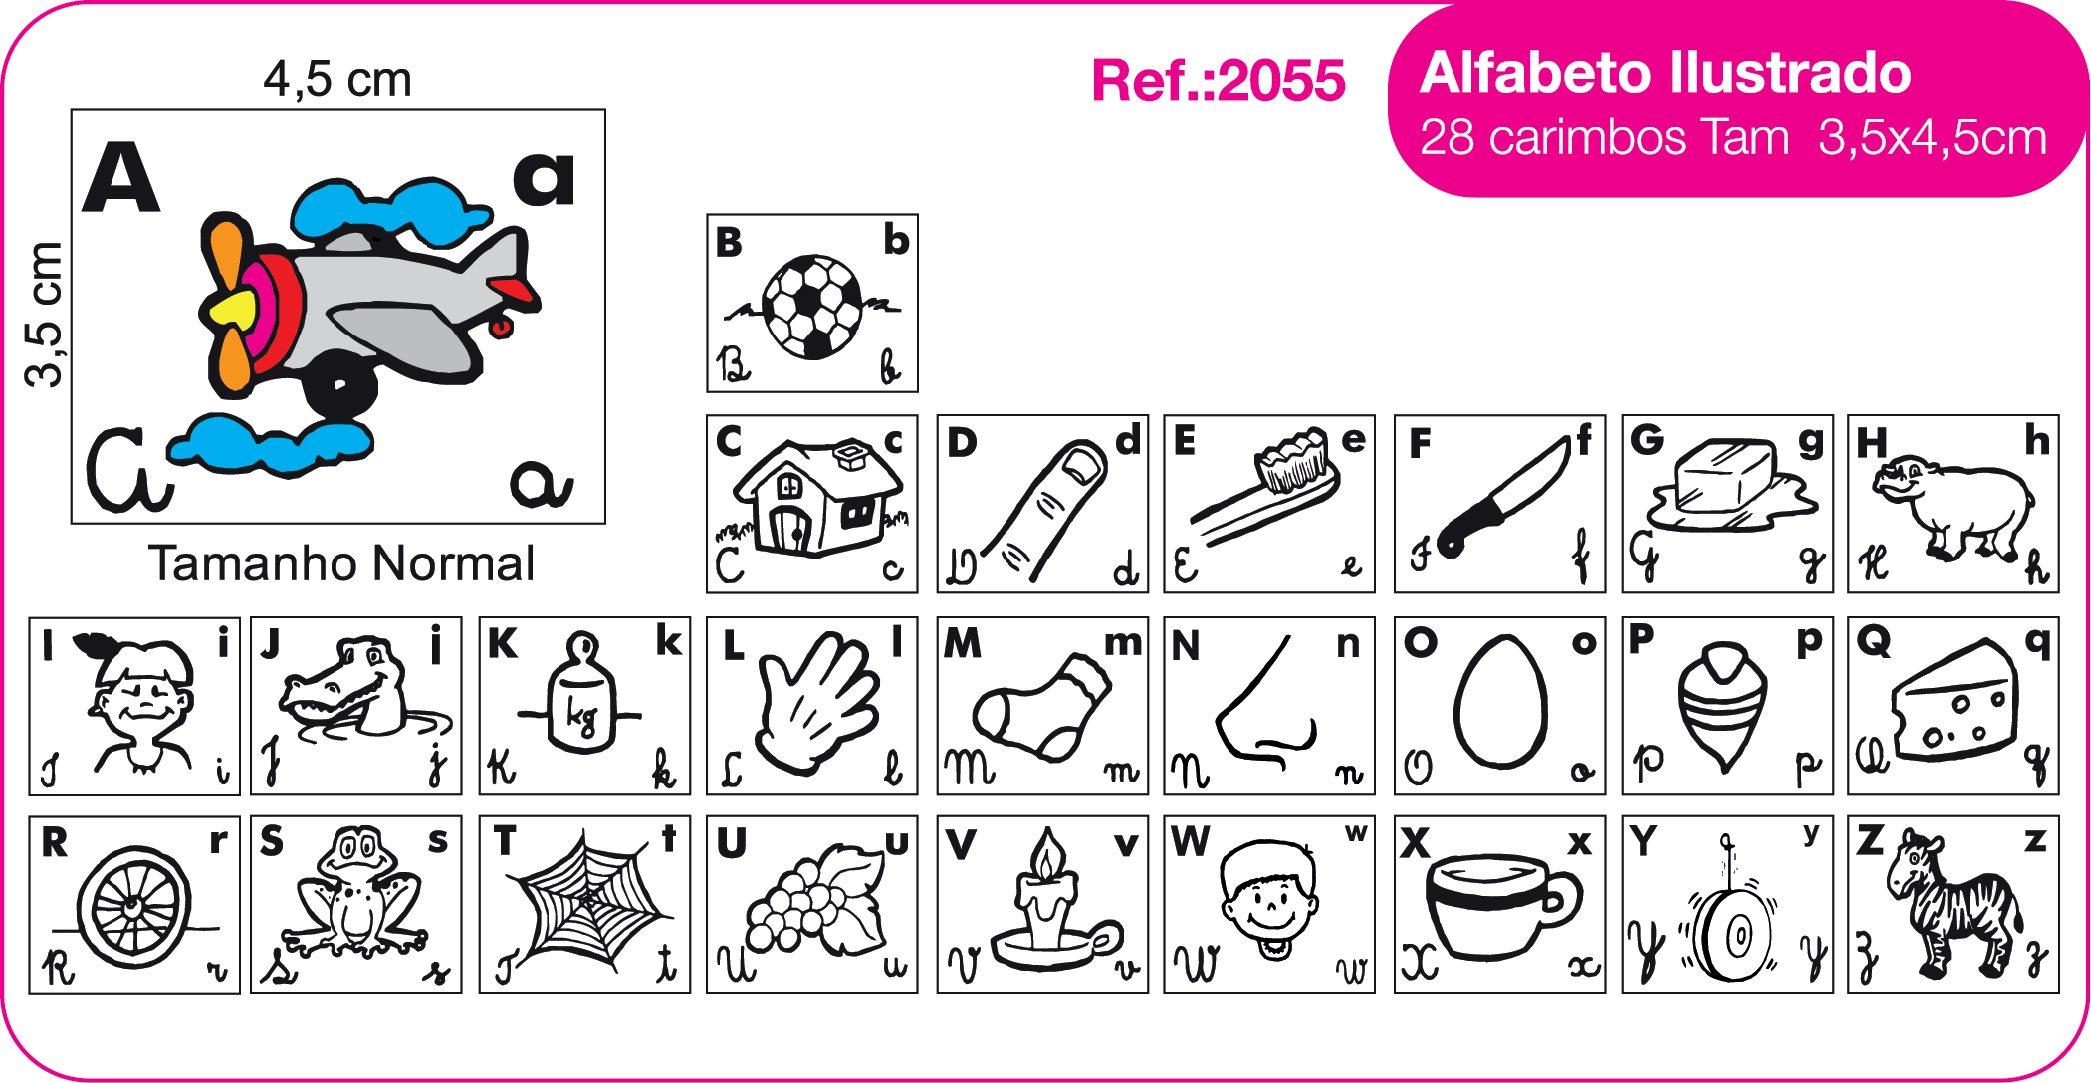 Alfabeto Ilustrado Com Pictures To Pin On Pinterest Tattooskid -> Desenhos Para Alfabeto Ilustrado